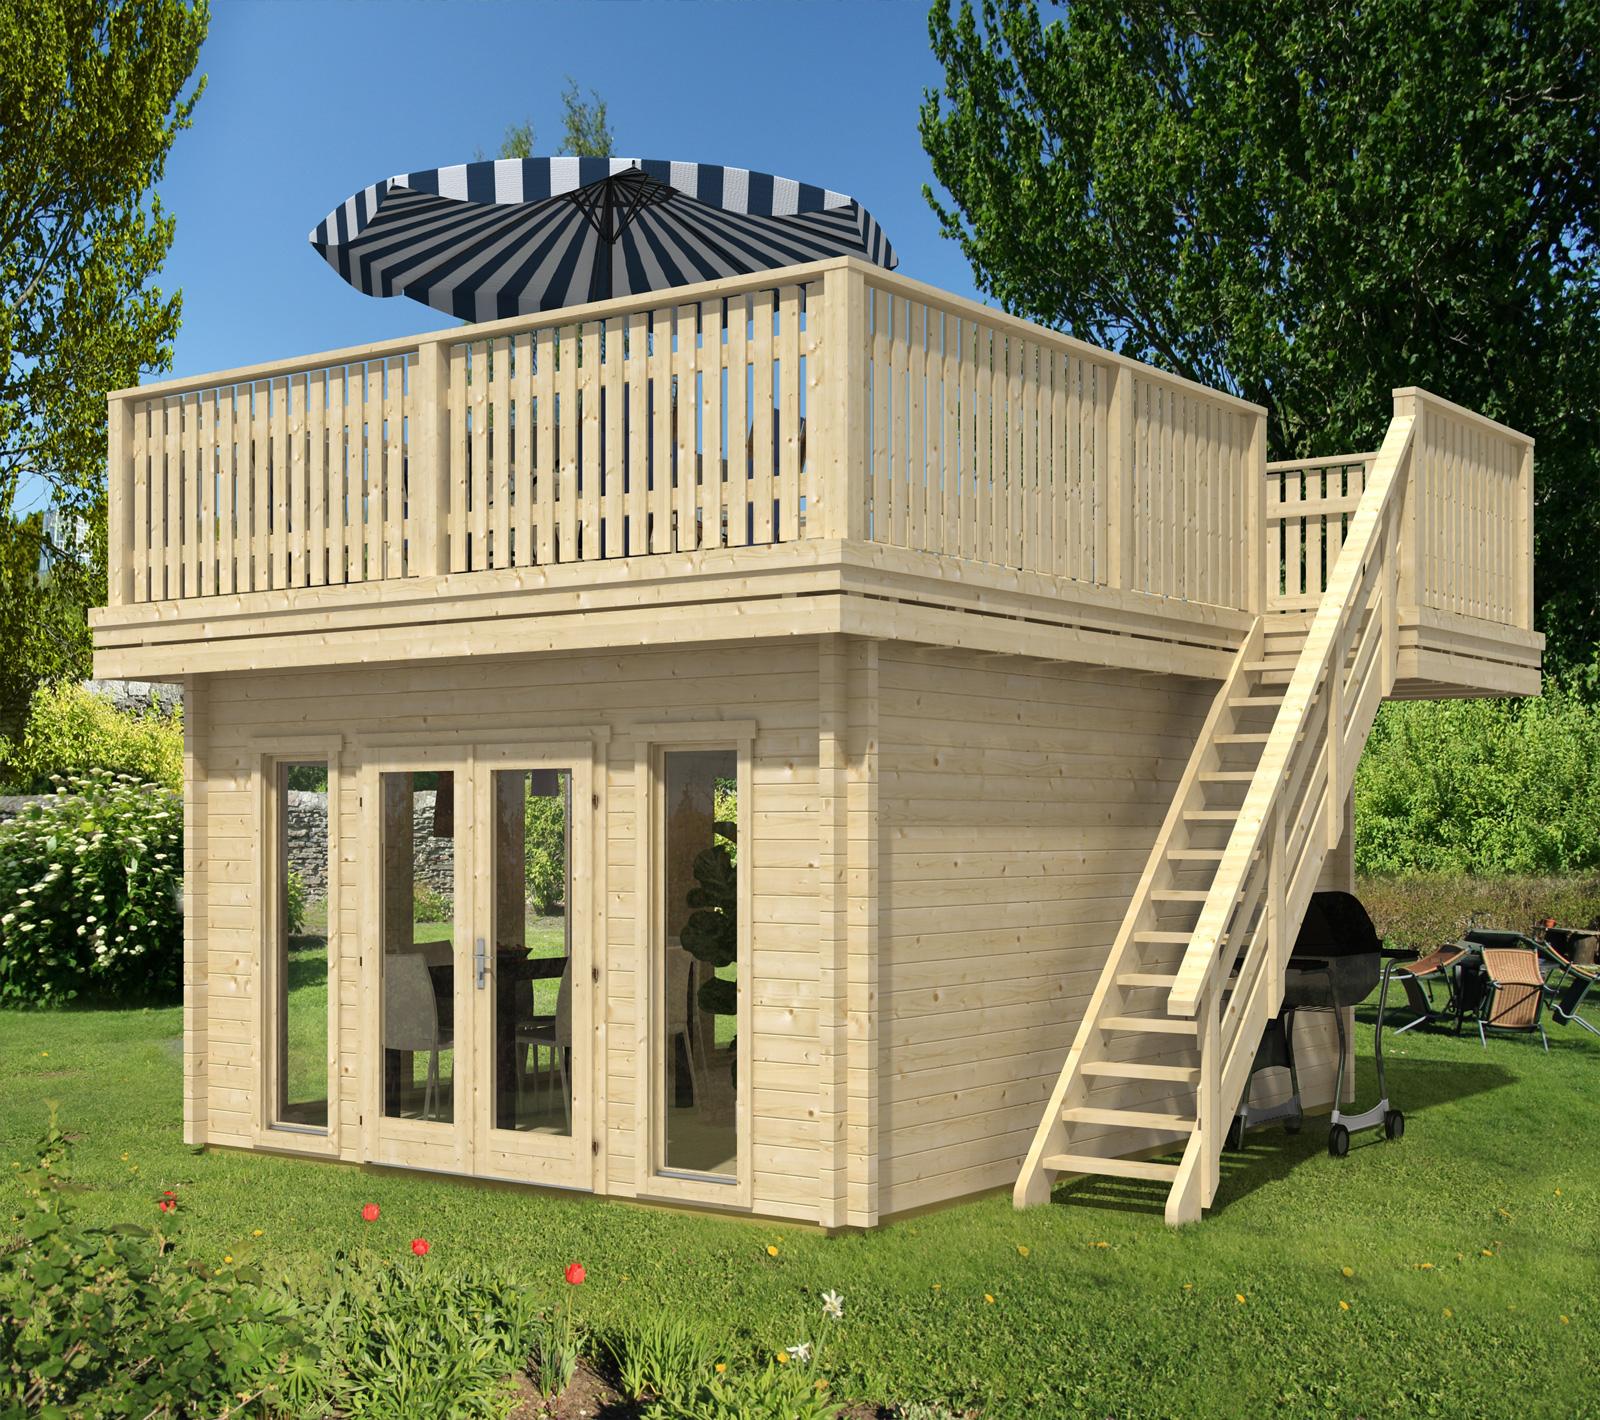 Wohnzimmer und Kamin gartenhäuser aus metall : Terrassendachhaus-70